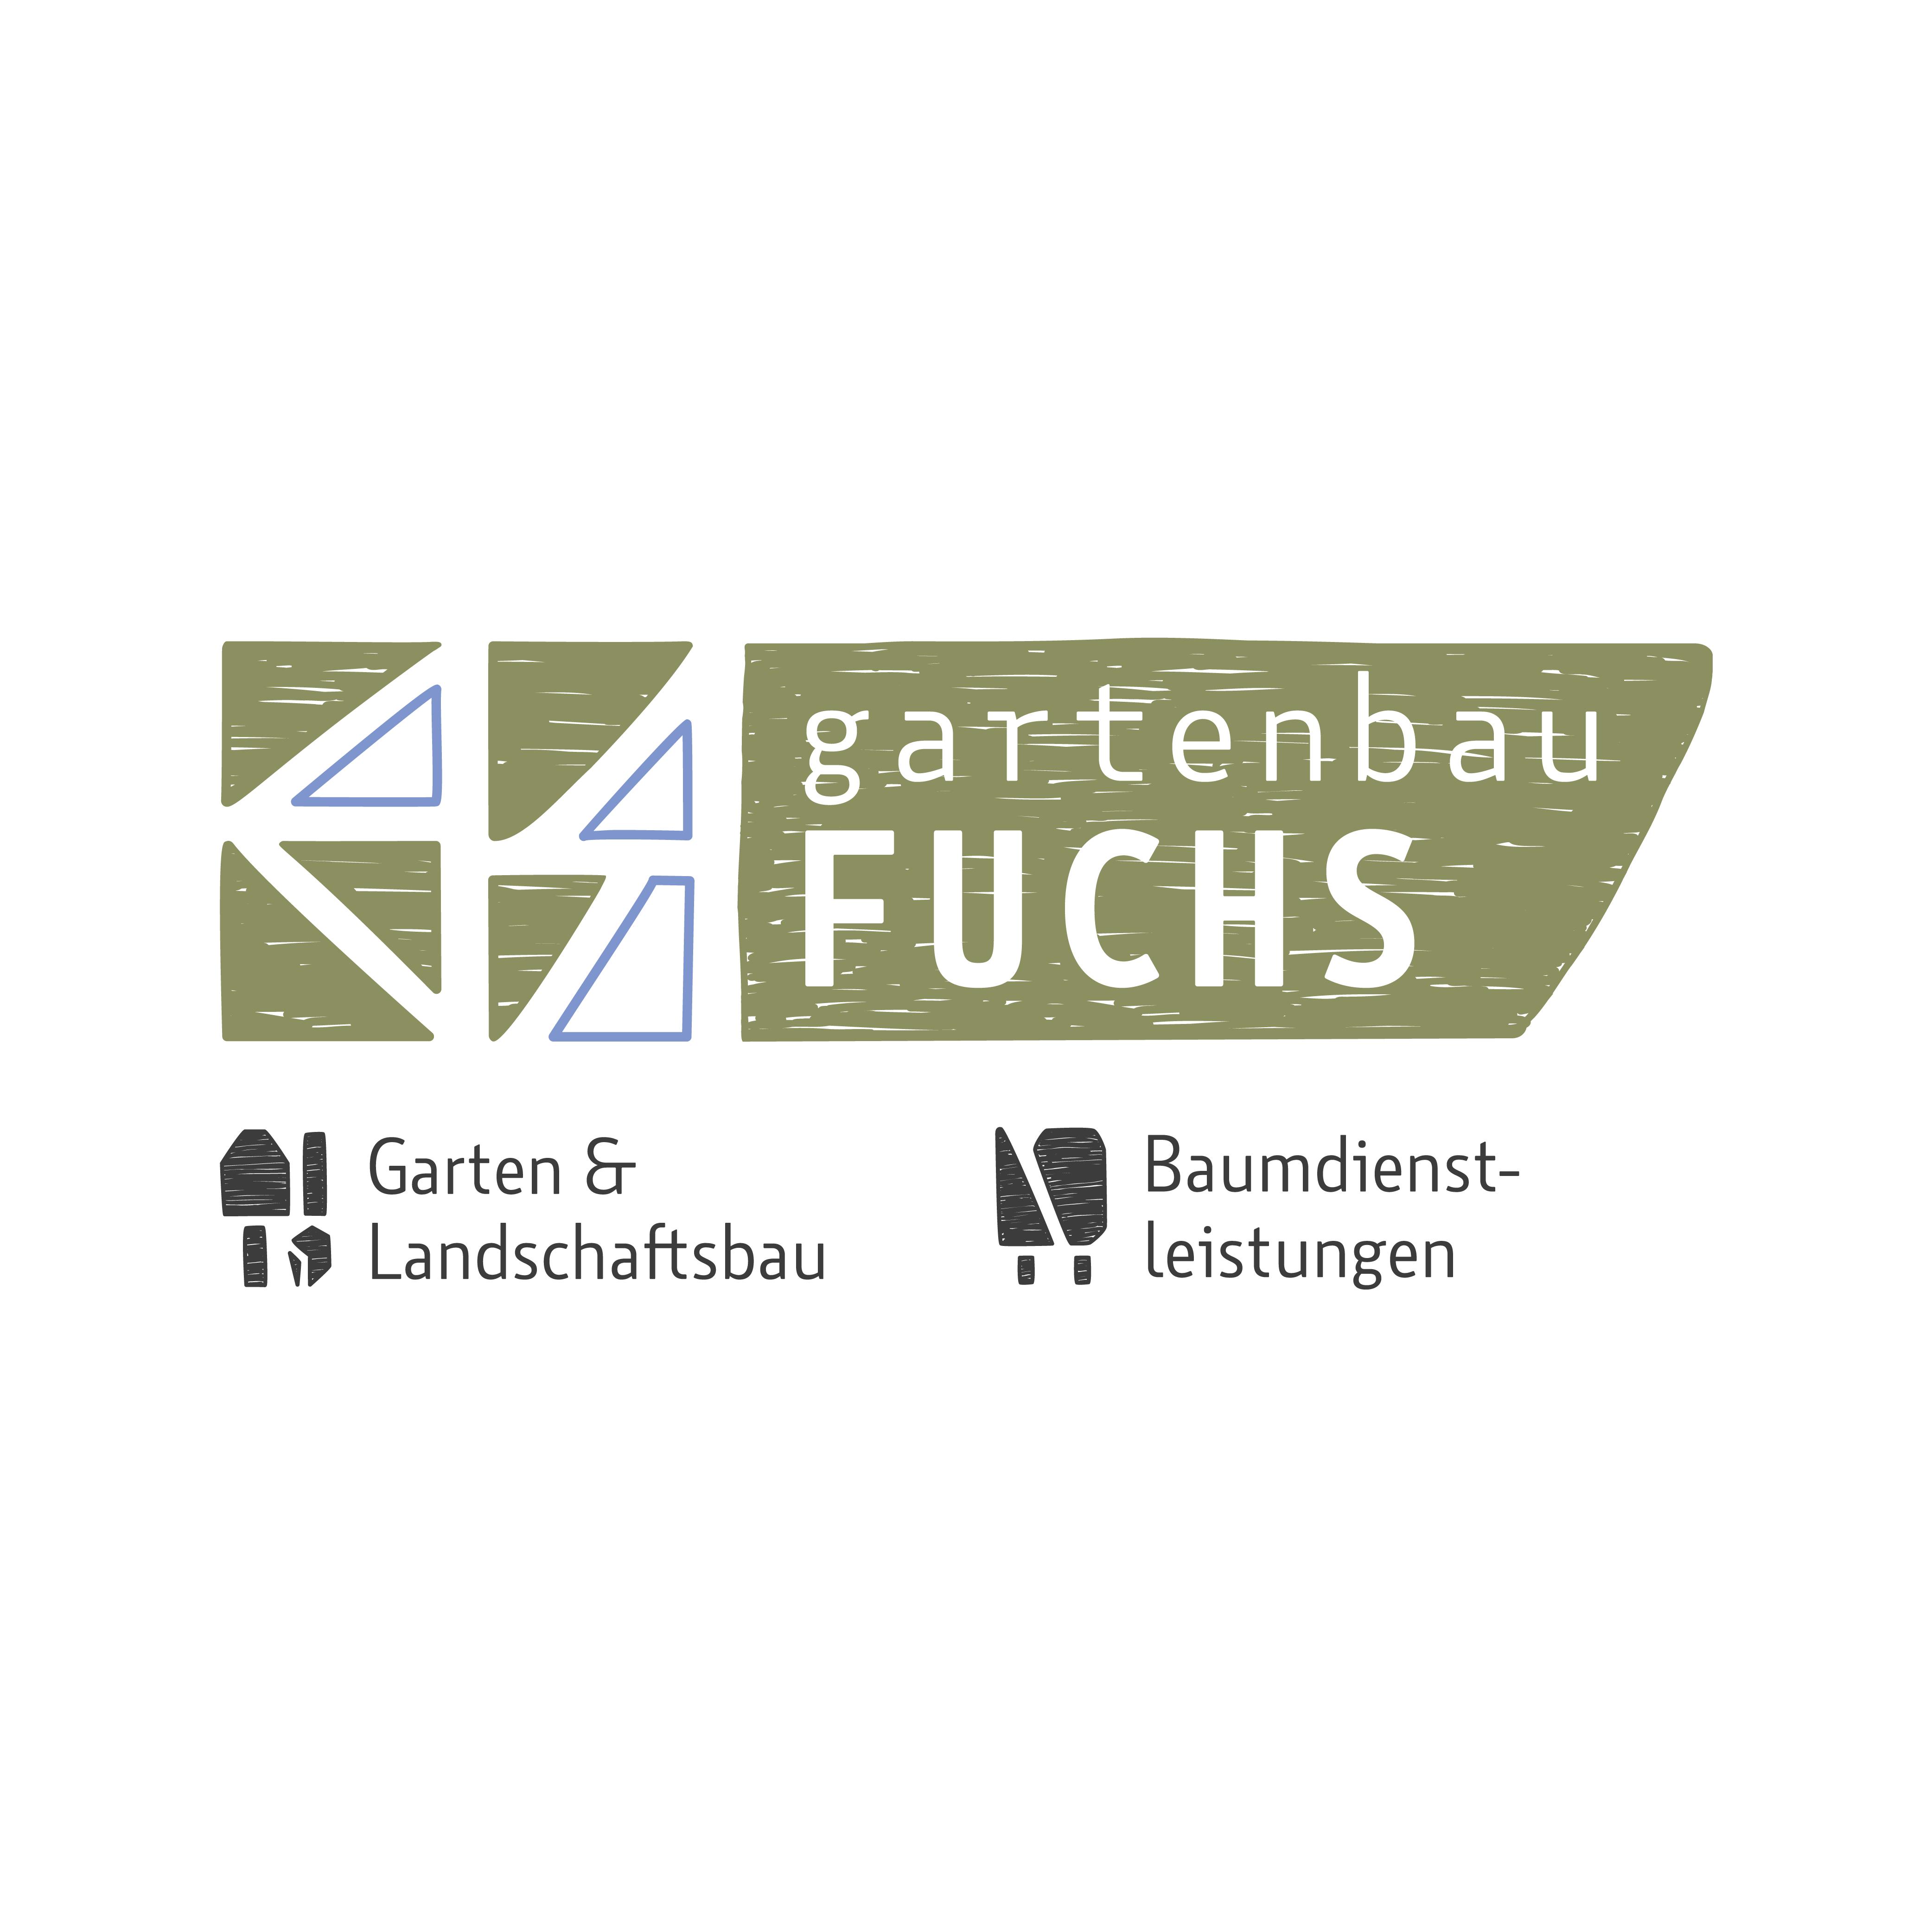 logo gartenbau fuchs, grüne gezeichnete flächen (angelehnt an natursteinmauer) & piktogramme zu den bereichen garten- & landschaftsbau sowie baumdienstleistungen